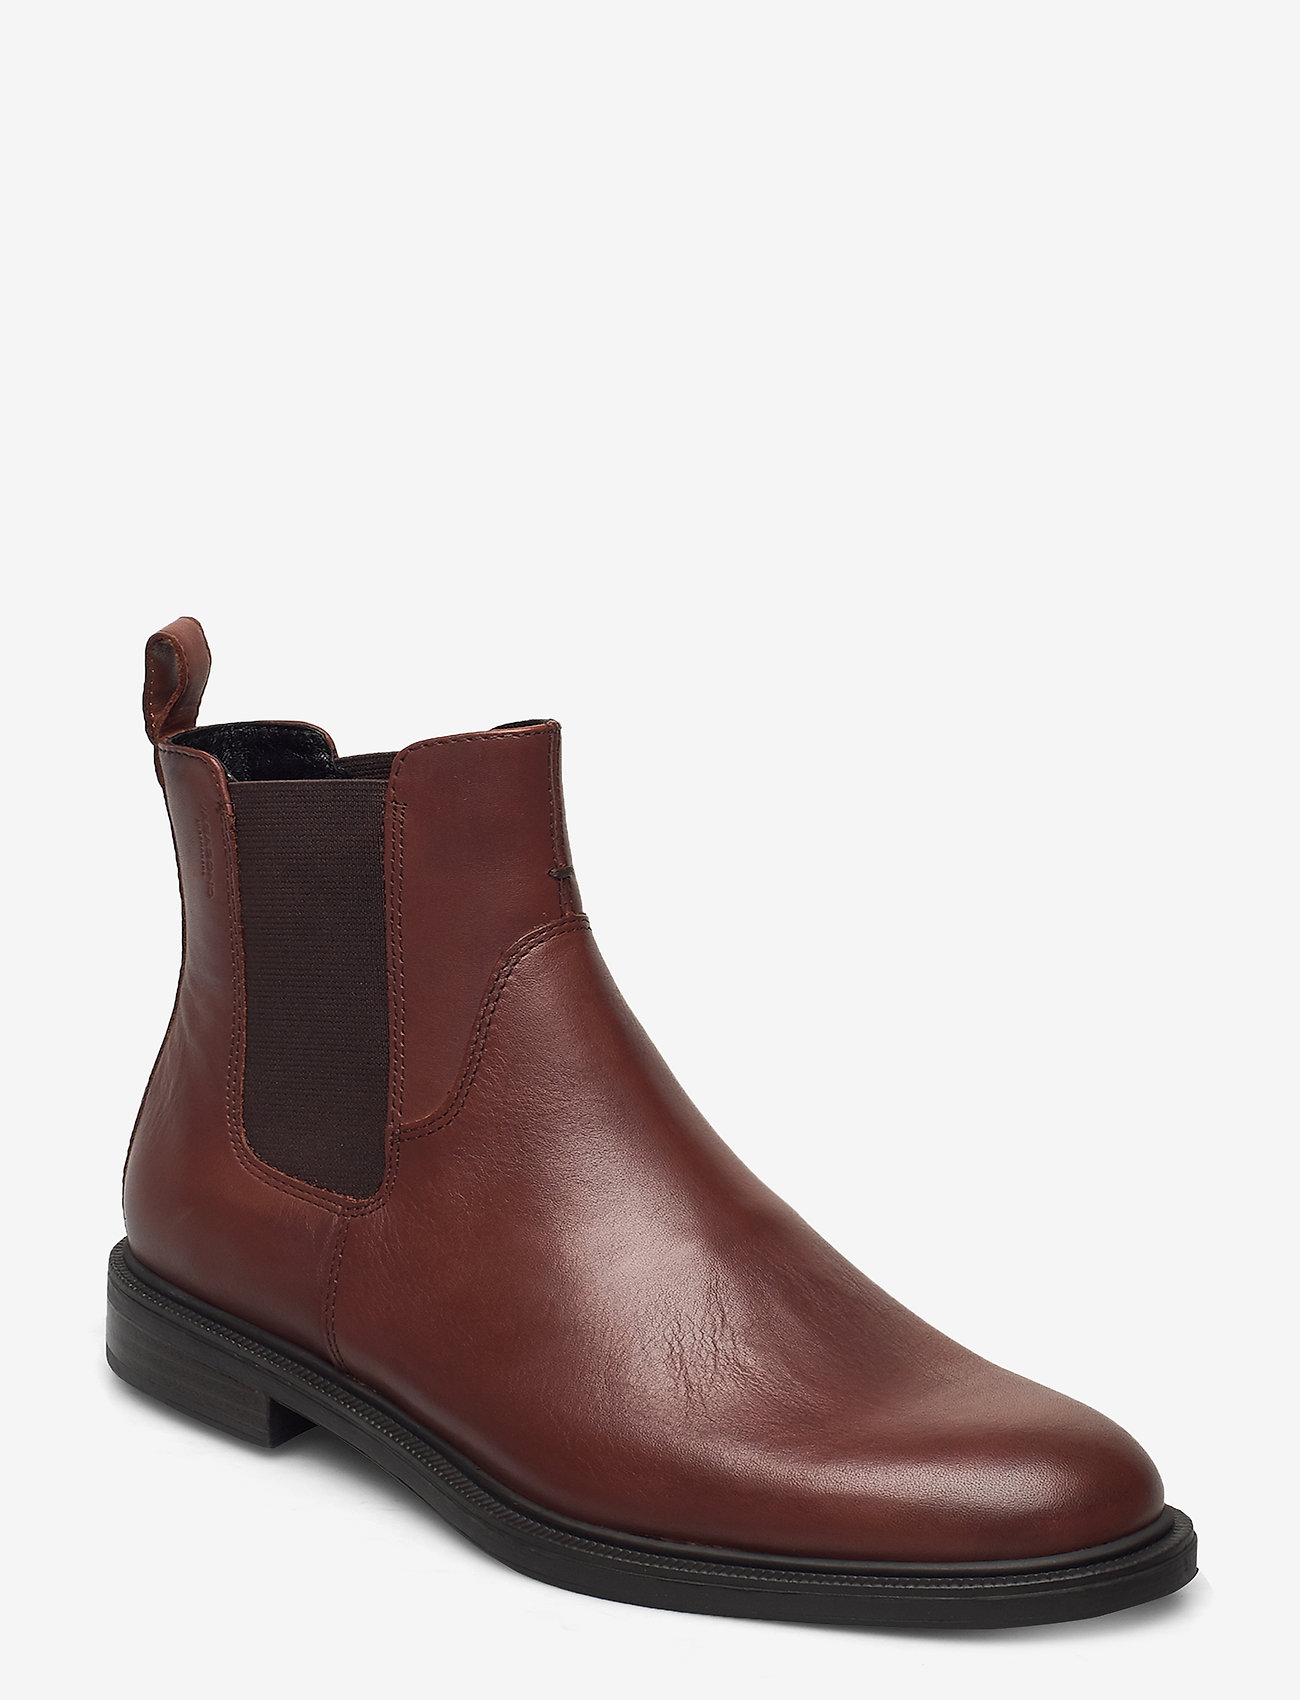 VAGABOND - AMINA - chelsea boots - cognac - 1